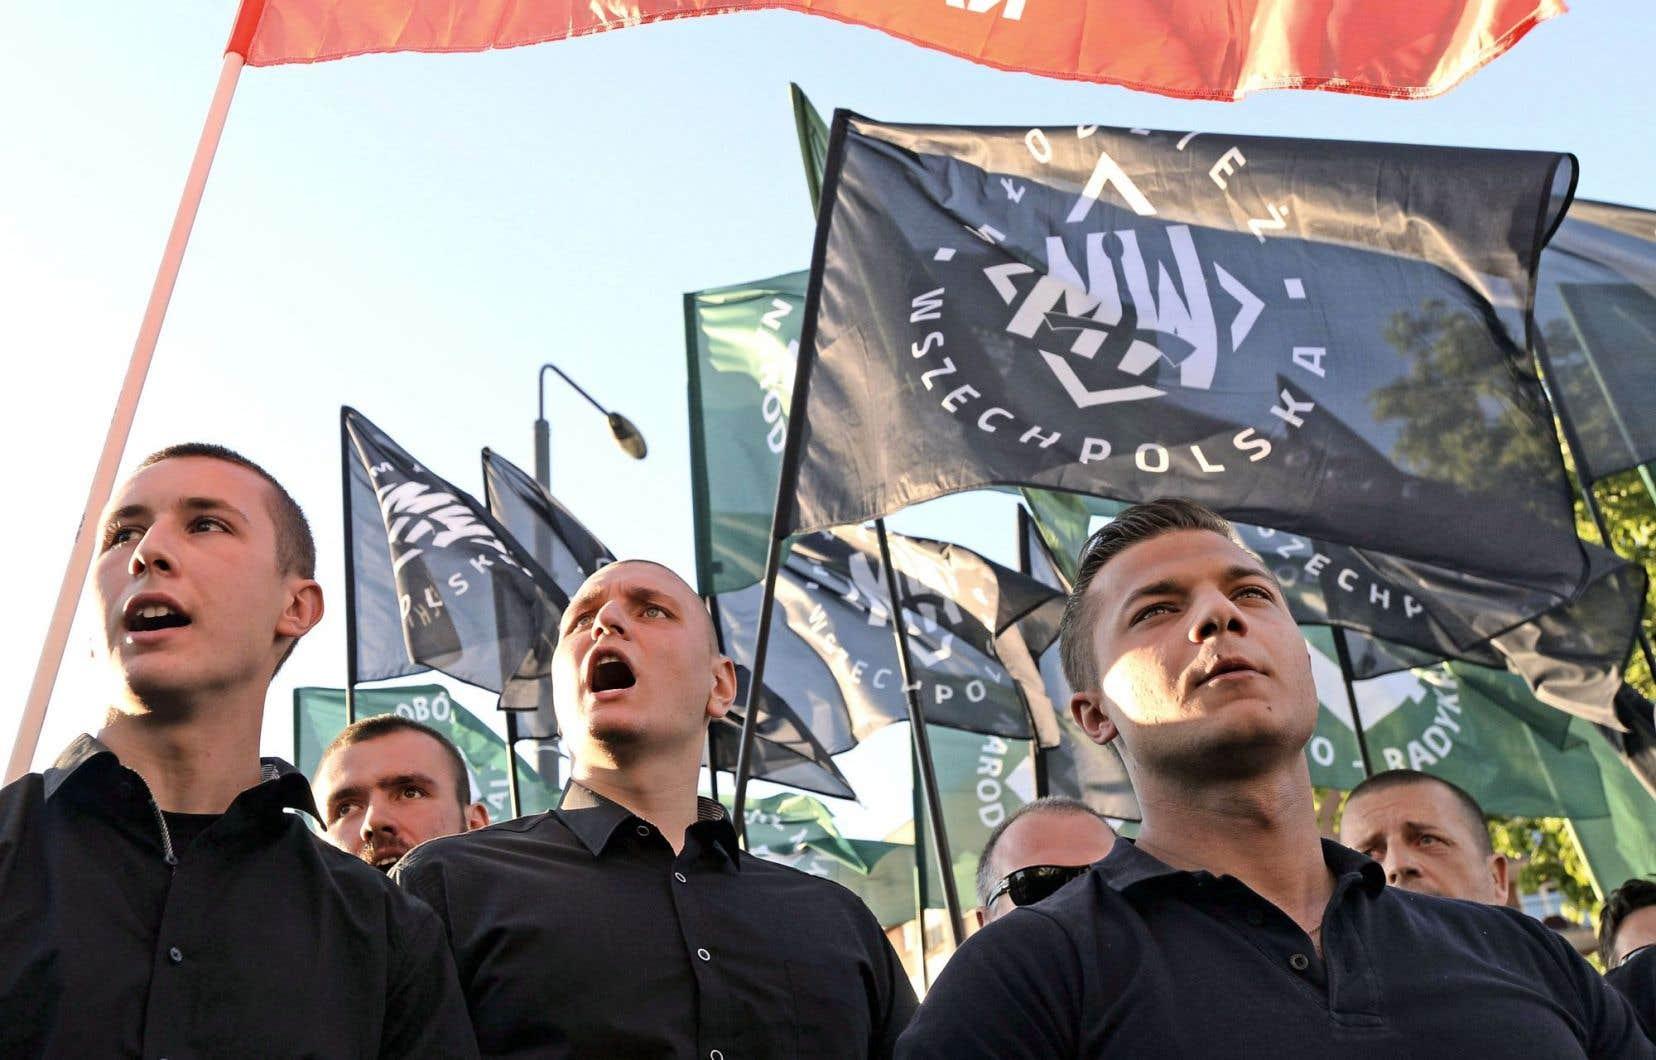 Des membres du parti d'extrême droite Camp national-radical protestent devant le théâtre Powszechny à Varsovie.